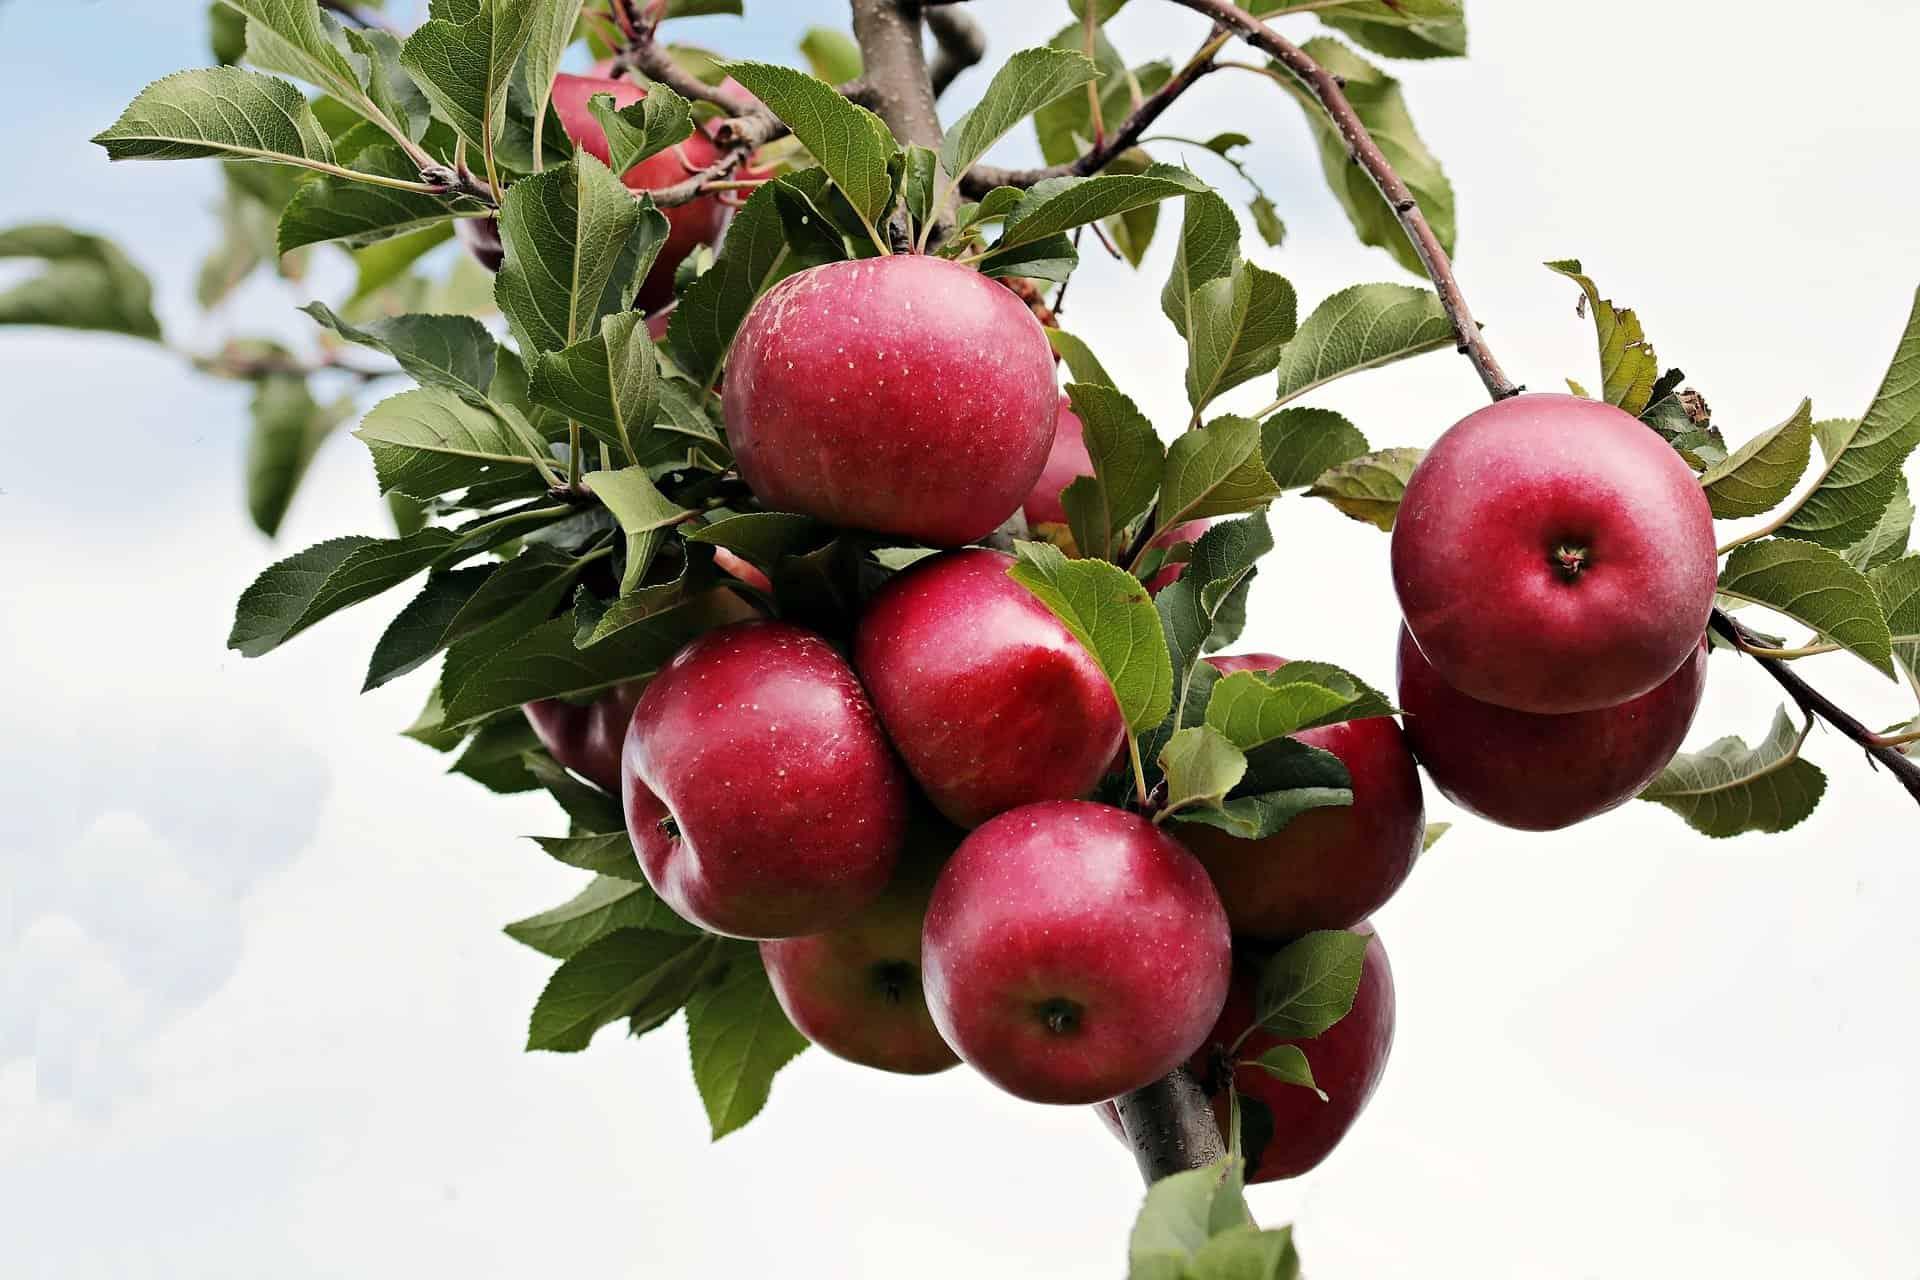 Fotografia de uma macieira para ilustração do item